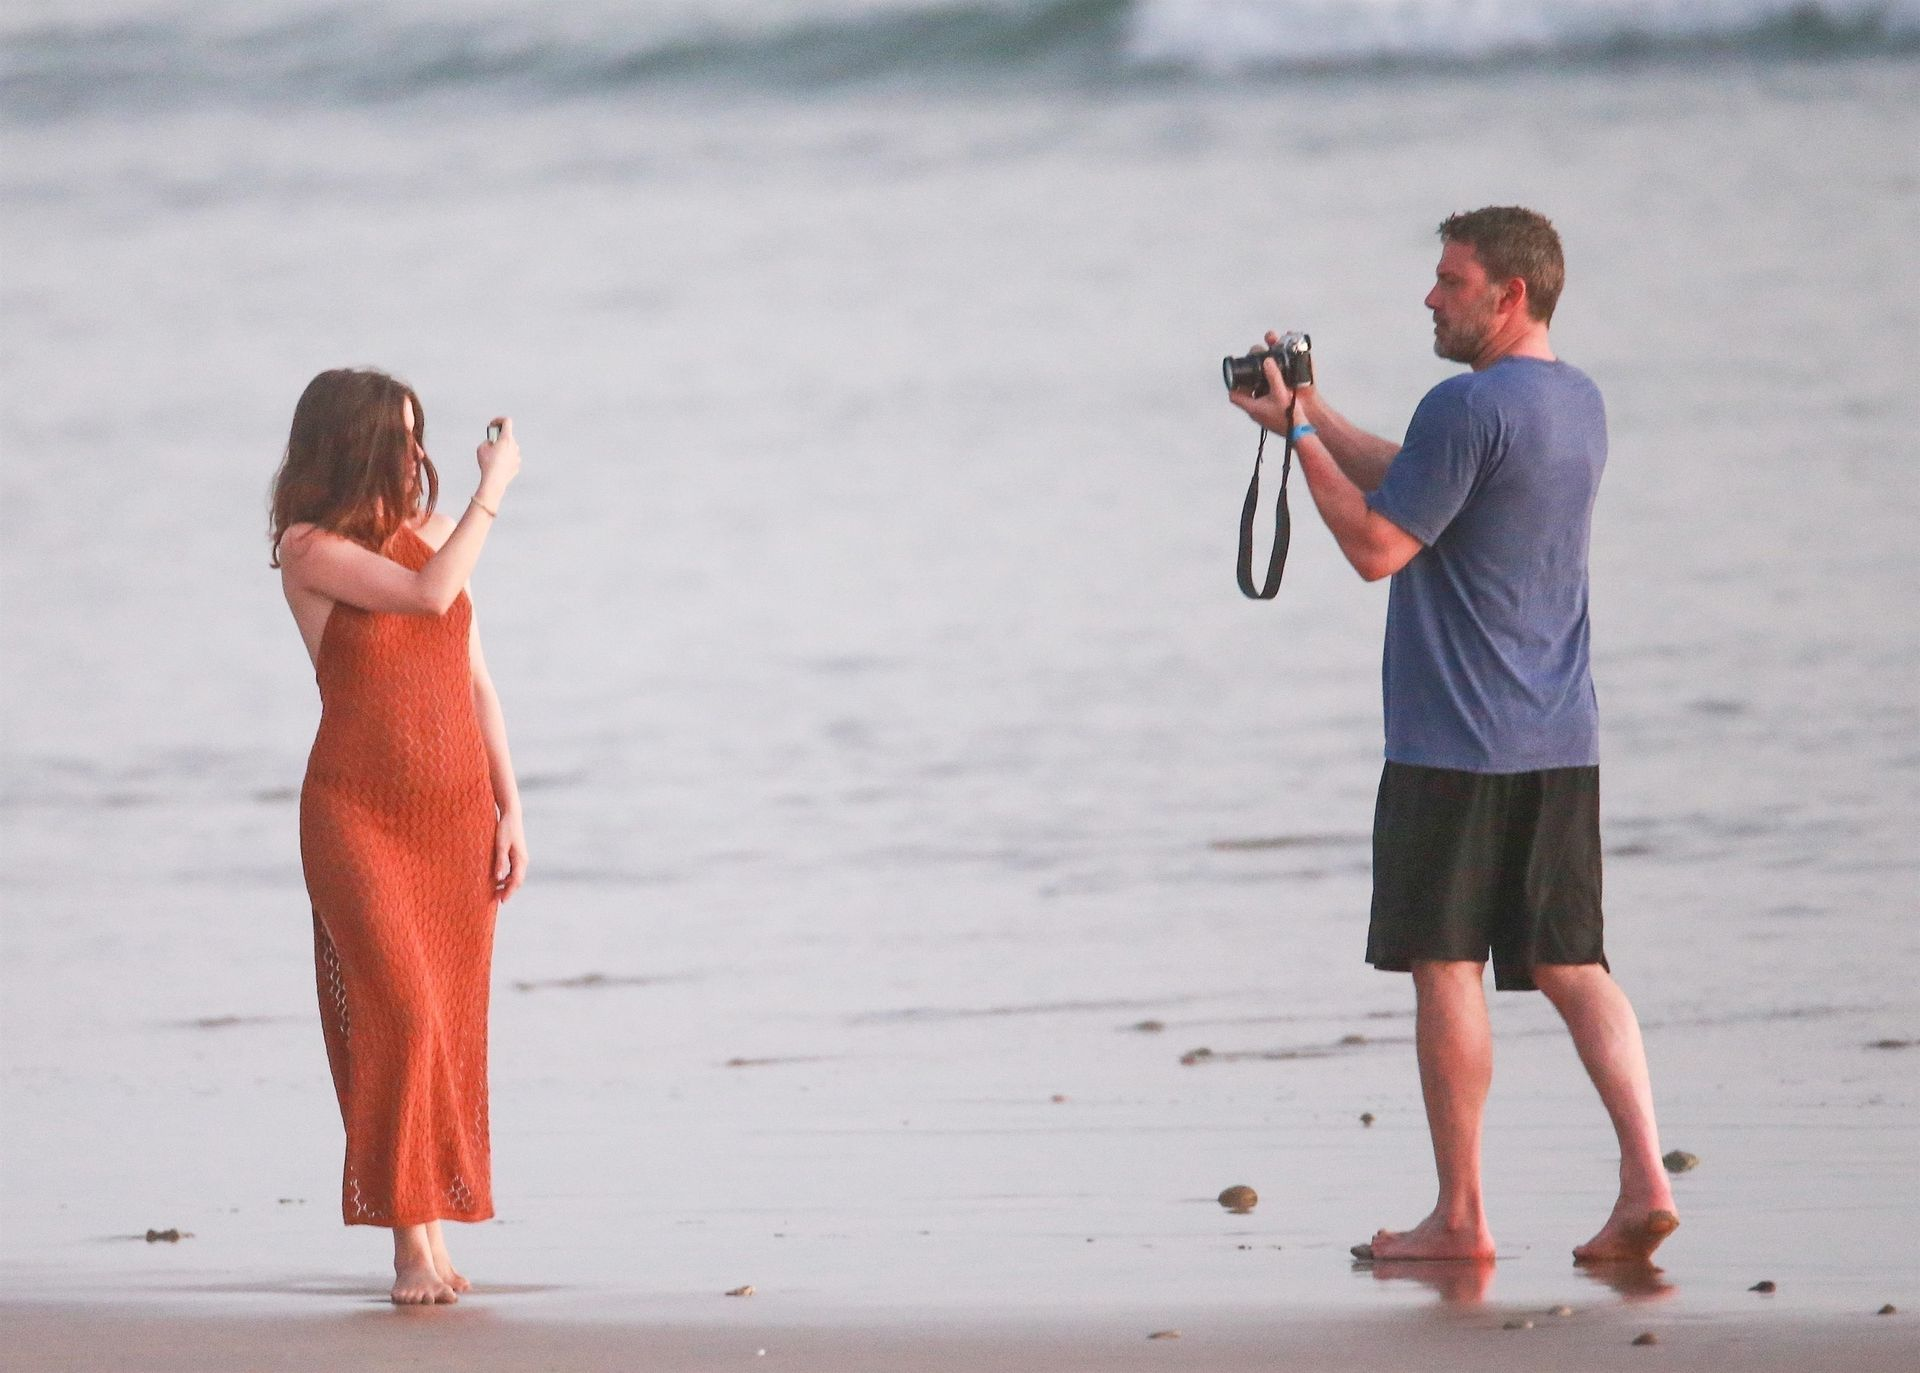 Ben Affleck & Ana De Armas Enjoy A Pda Moment During Romantic Beach Stroll In Costa Rica 0033